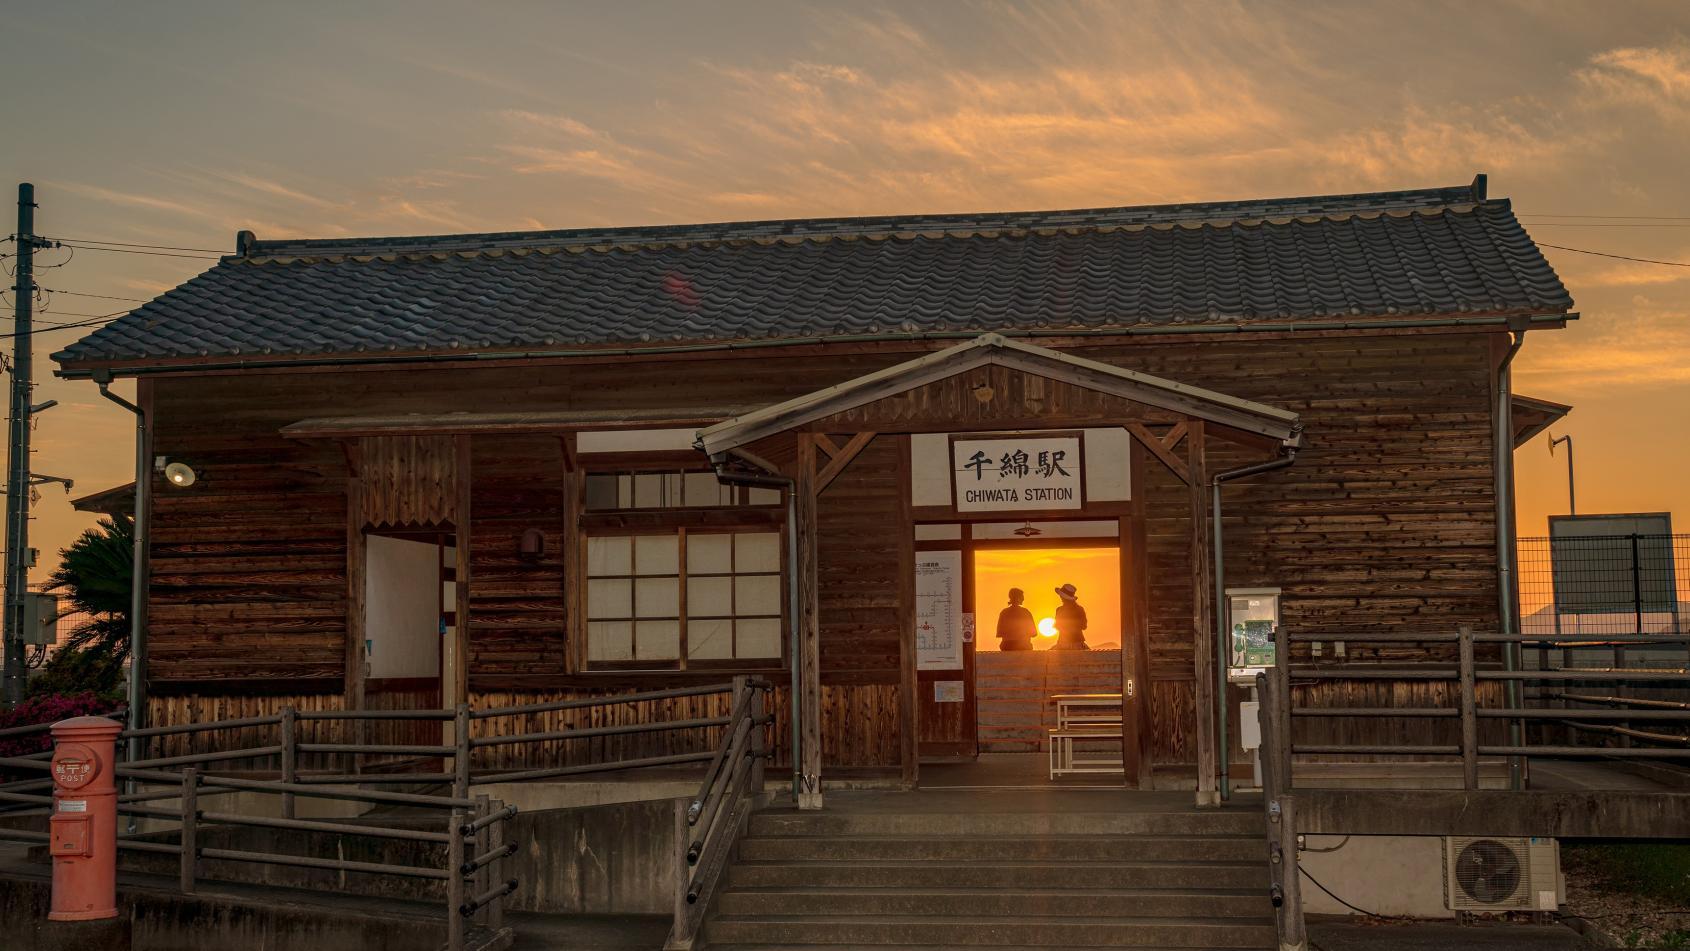 사가현과 나가사키현을 돌아보는 3일 코스-1